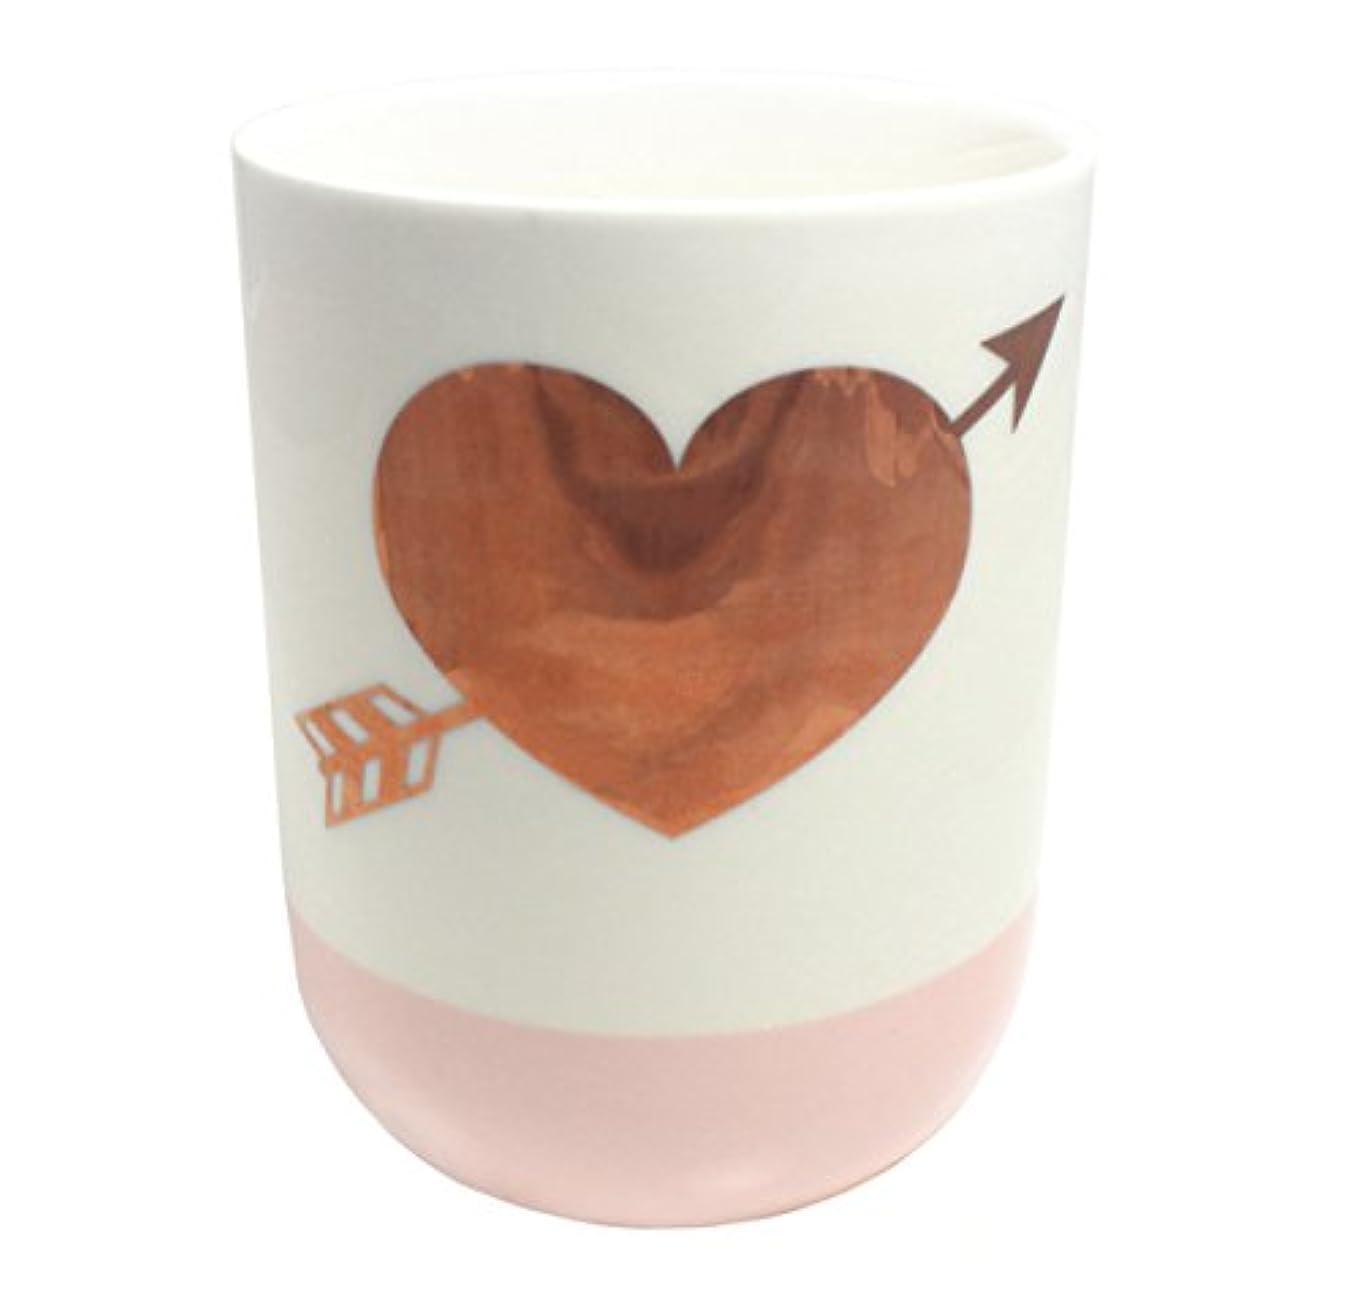 アメリカ入力盆地2つの会社10.5-oz GildedハートローズScented Candle ;ホワイト&ピンク